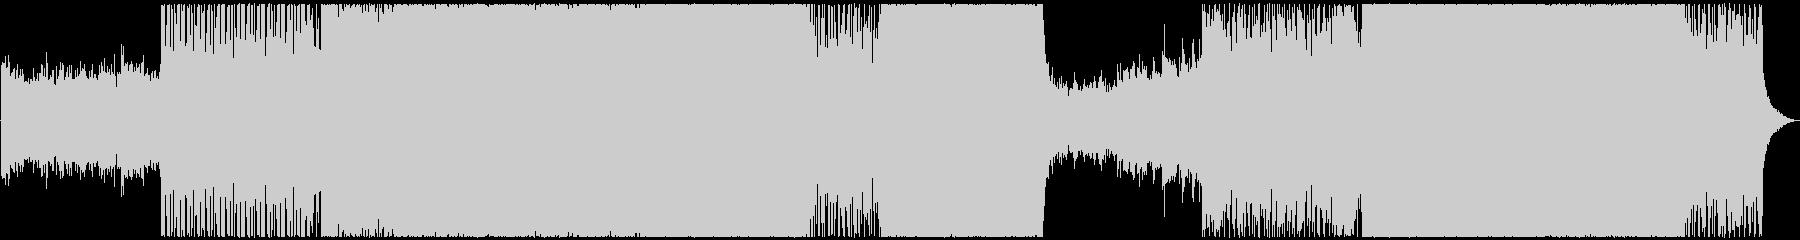 クラブ/ドラムンベースの未再生の波形